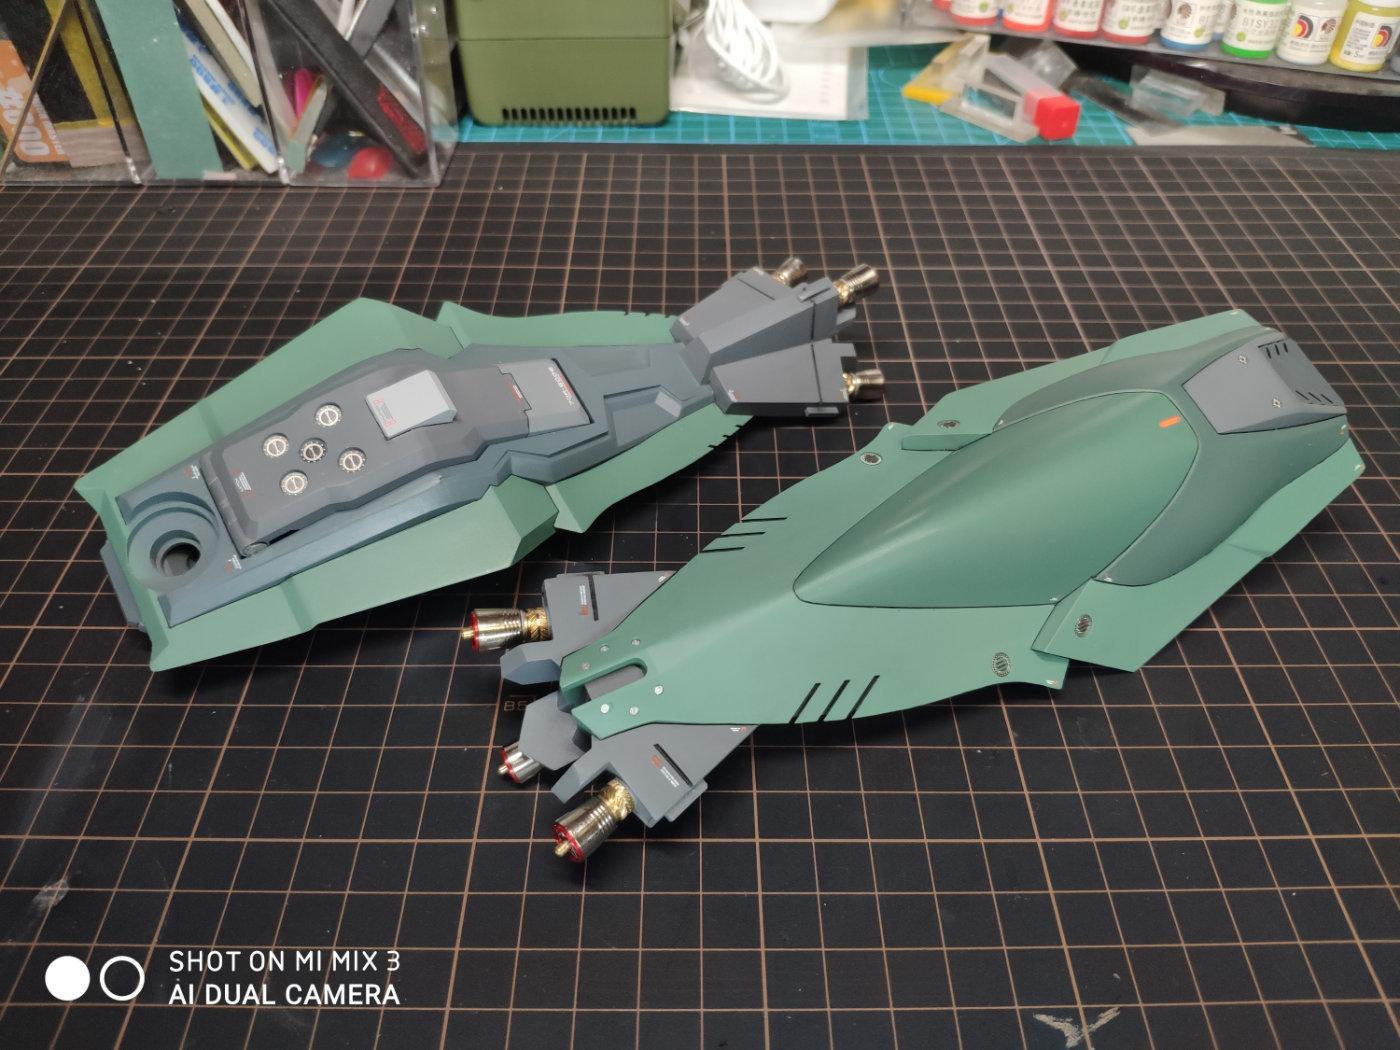 G330_AMX_002_Neue_Ziel_p_121.jpg